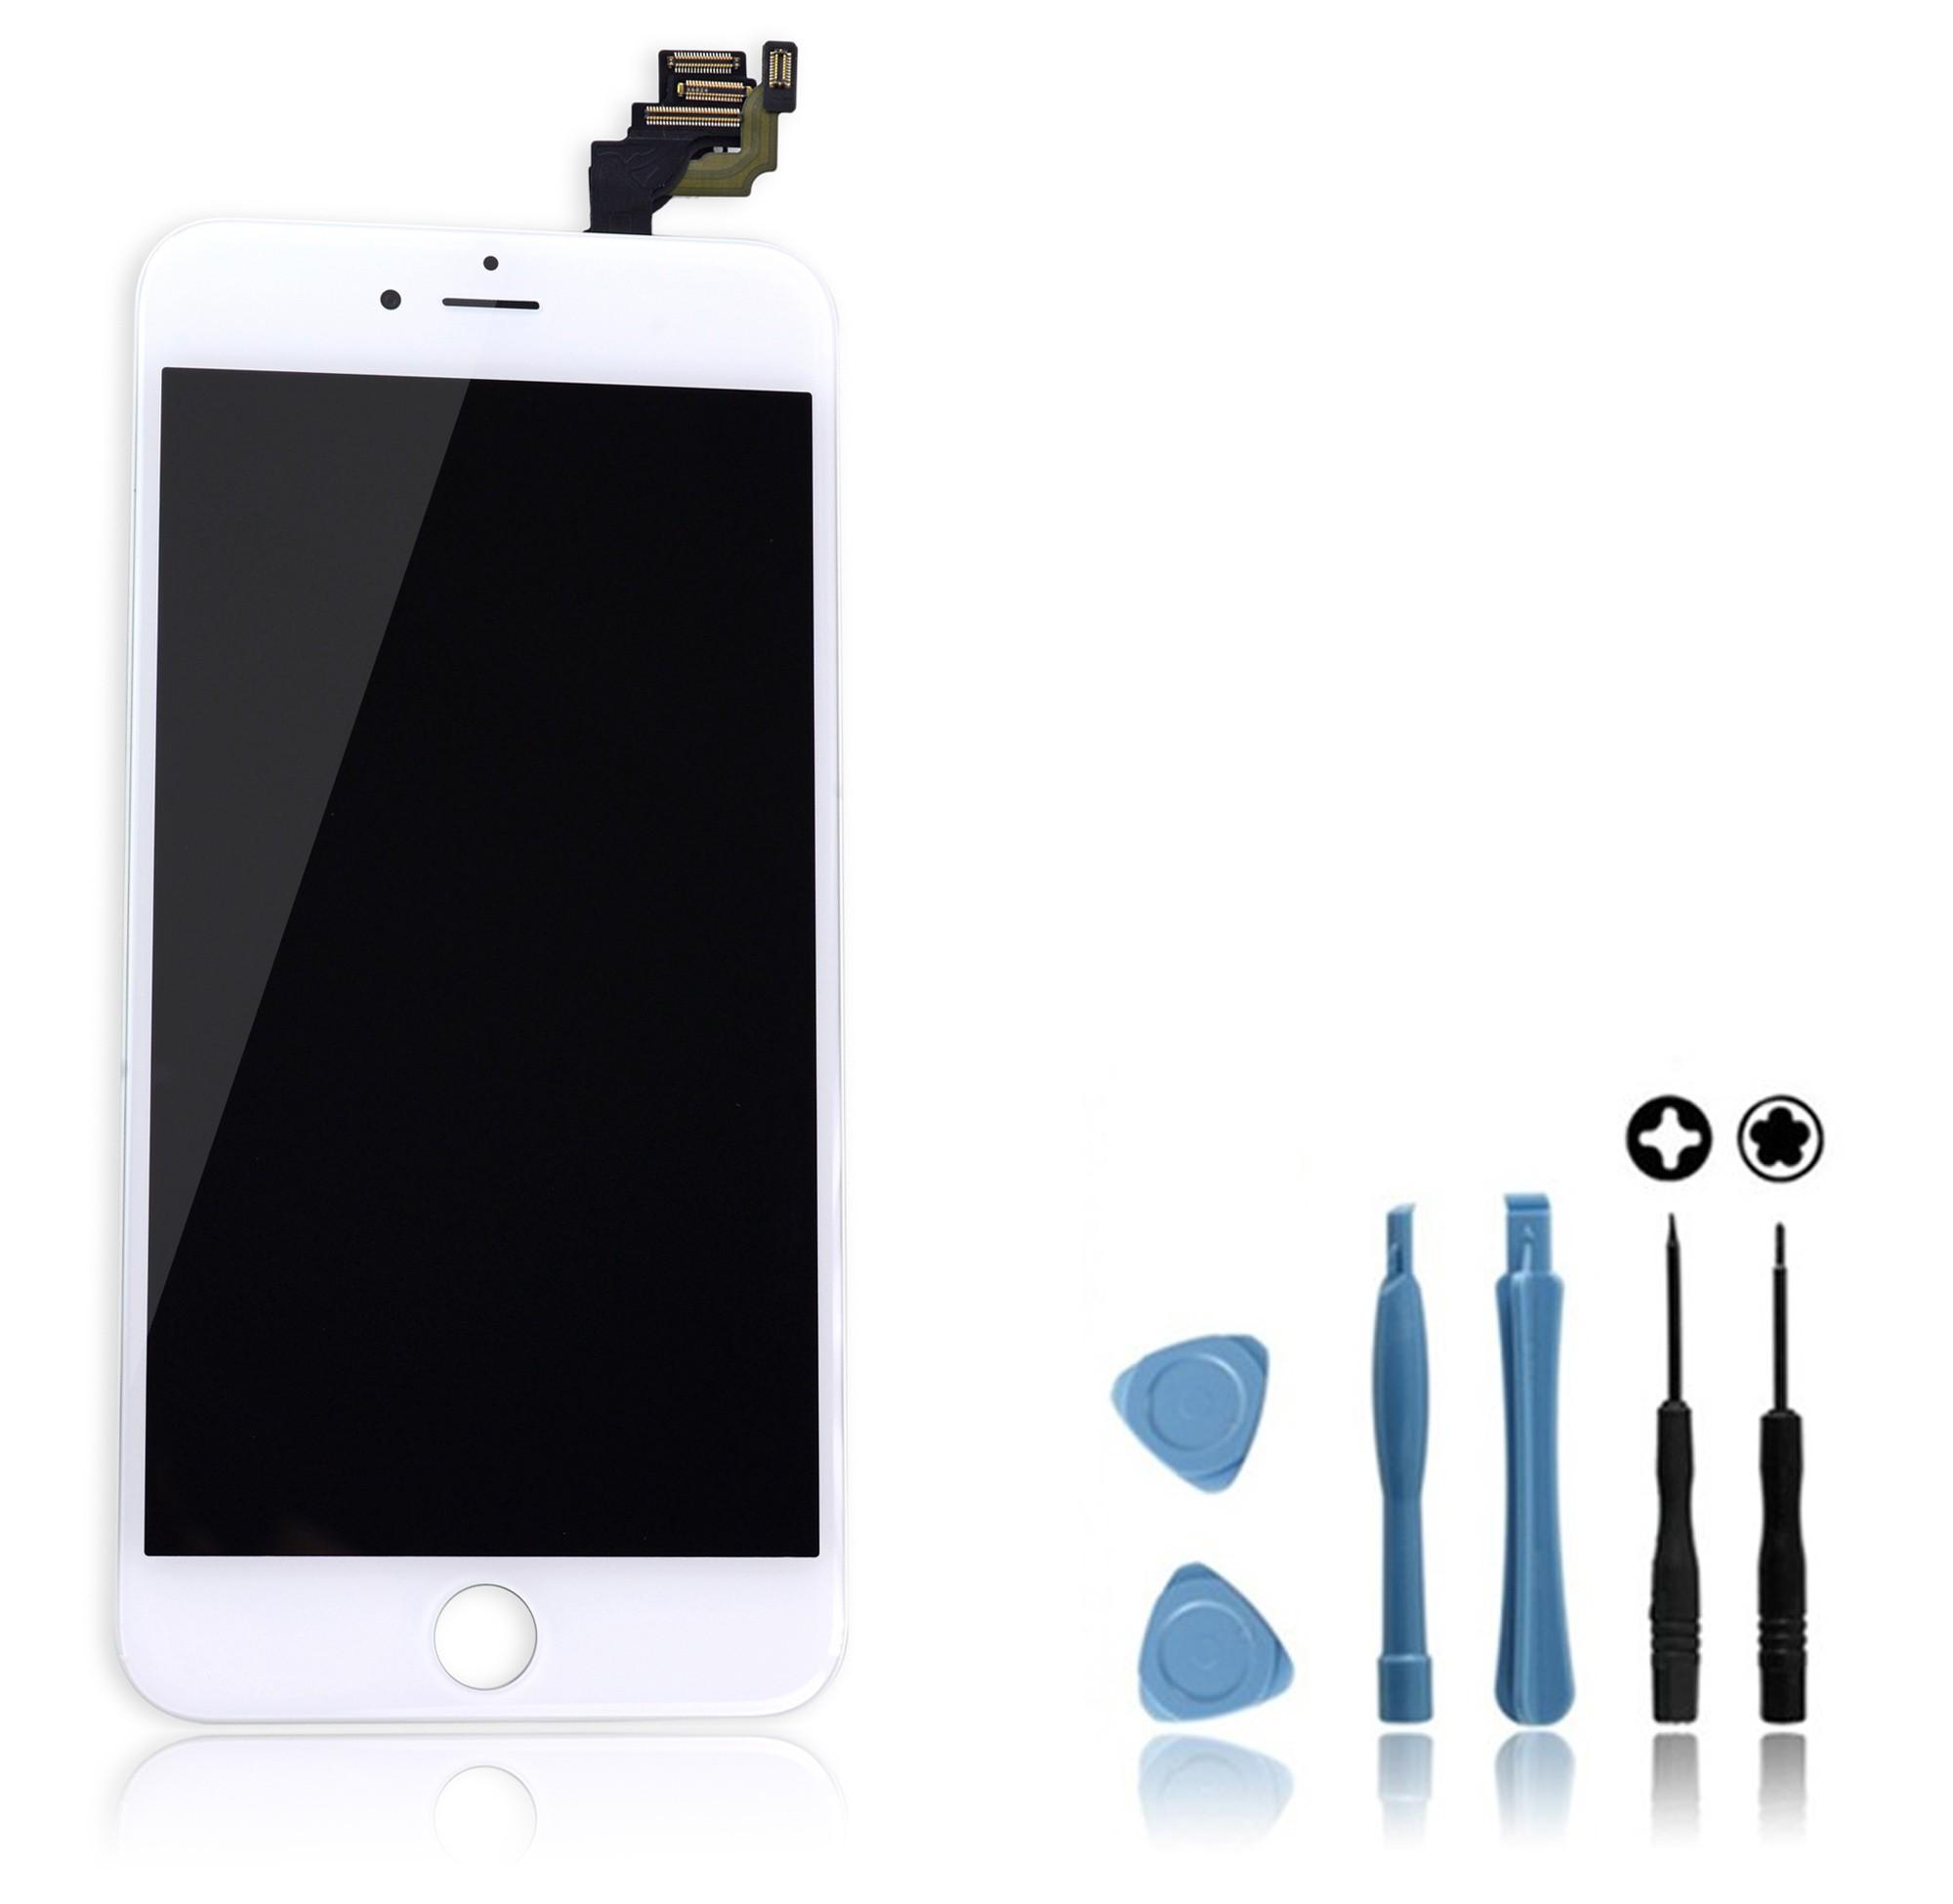 iphone se paiement plusieurs fois top installer apple pay sur son smartphone pour un meilleur. Black Bedroom Furniture Sets. Home Design Ideas